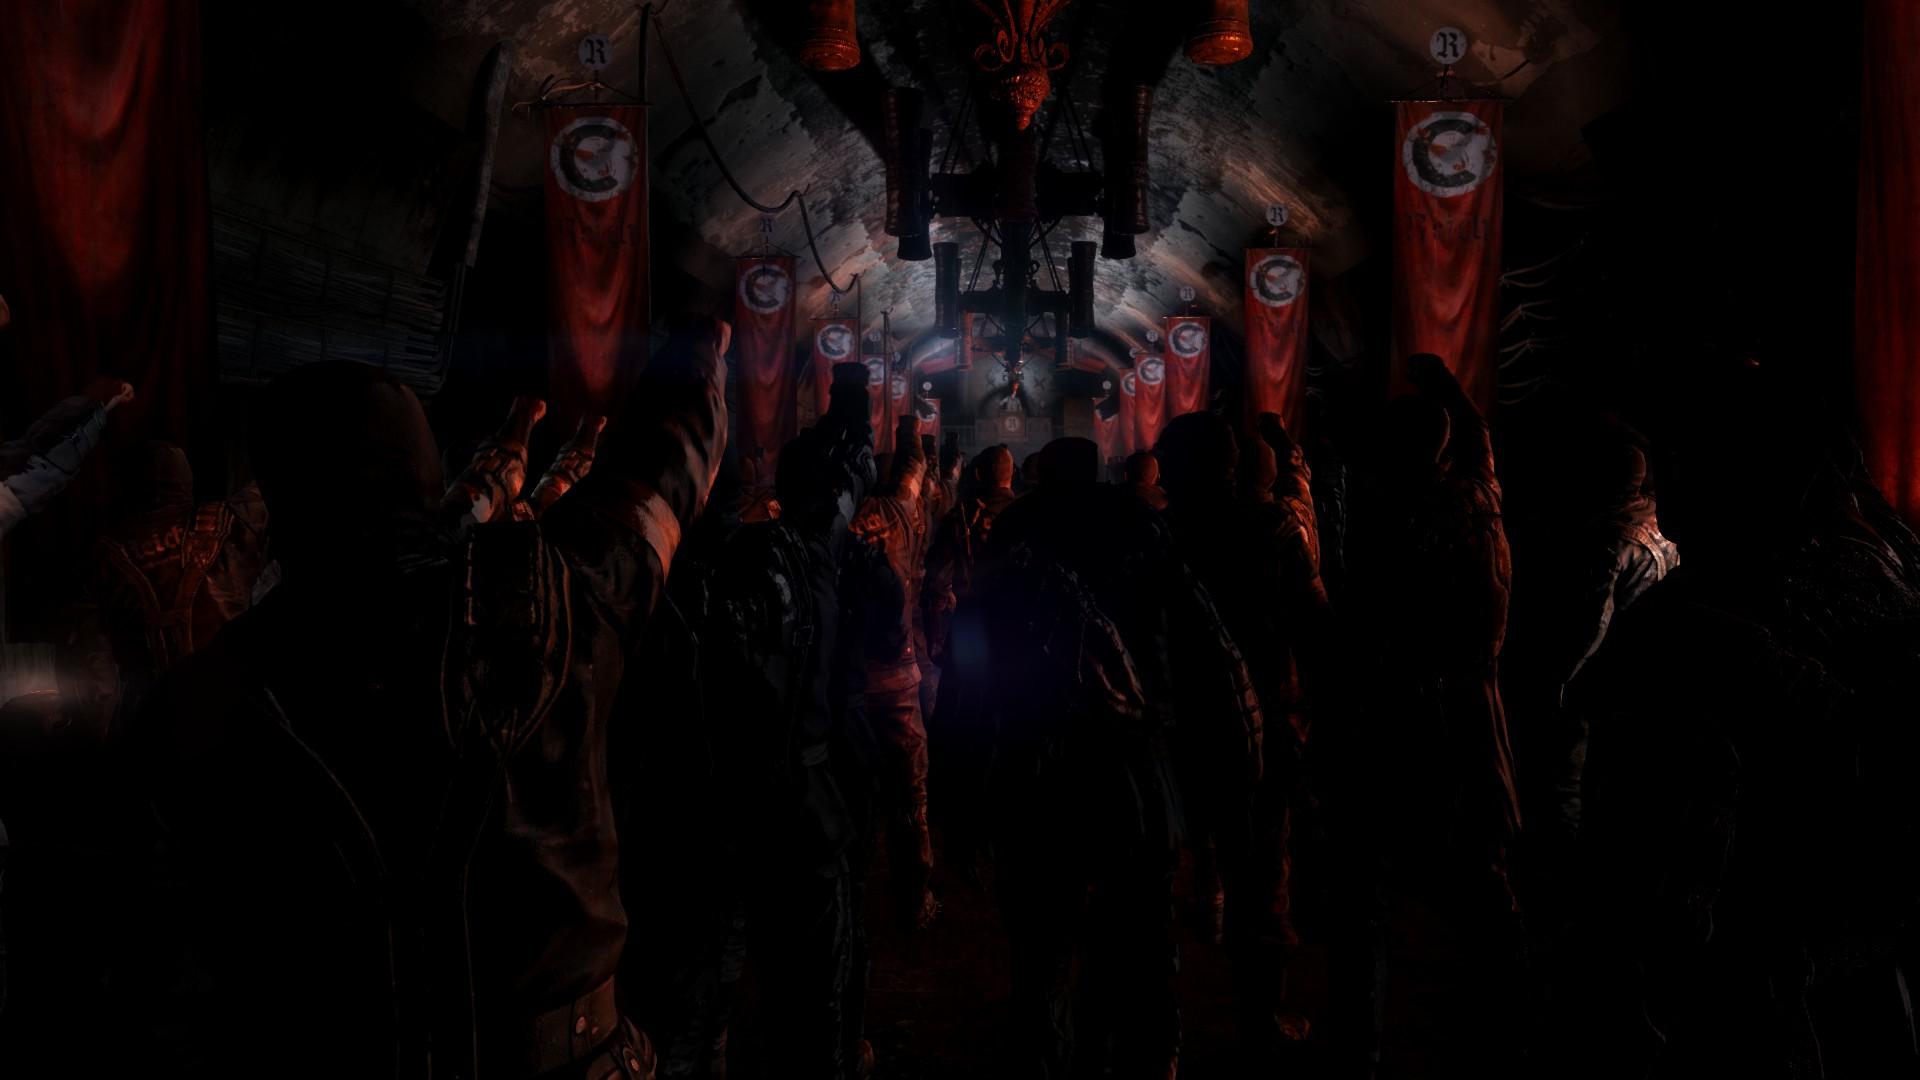 Das Lager der Neofaschisten